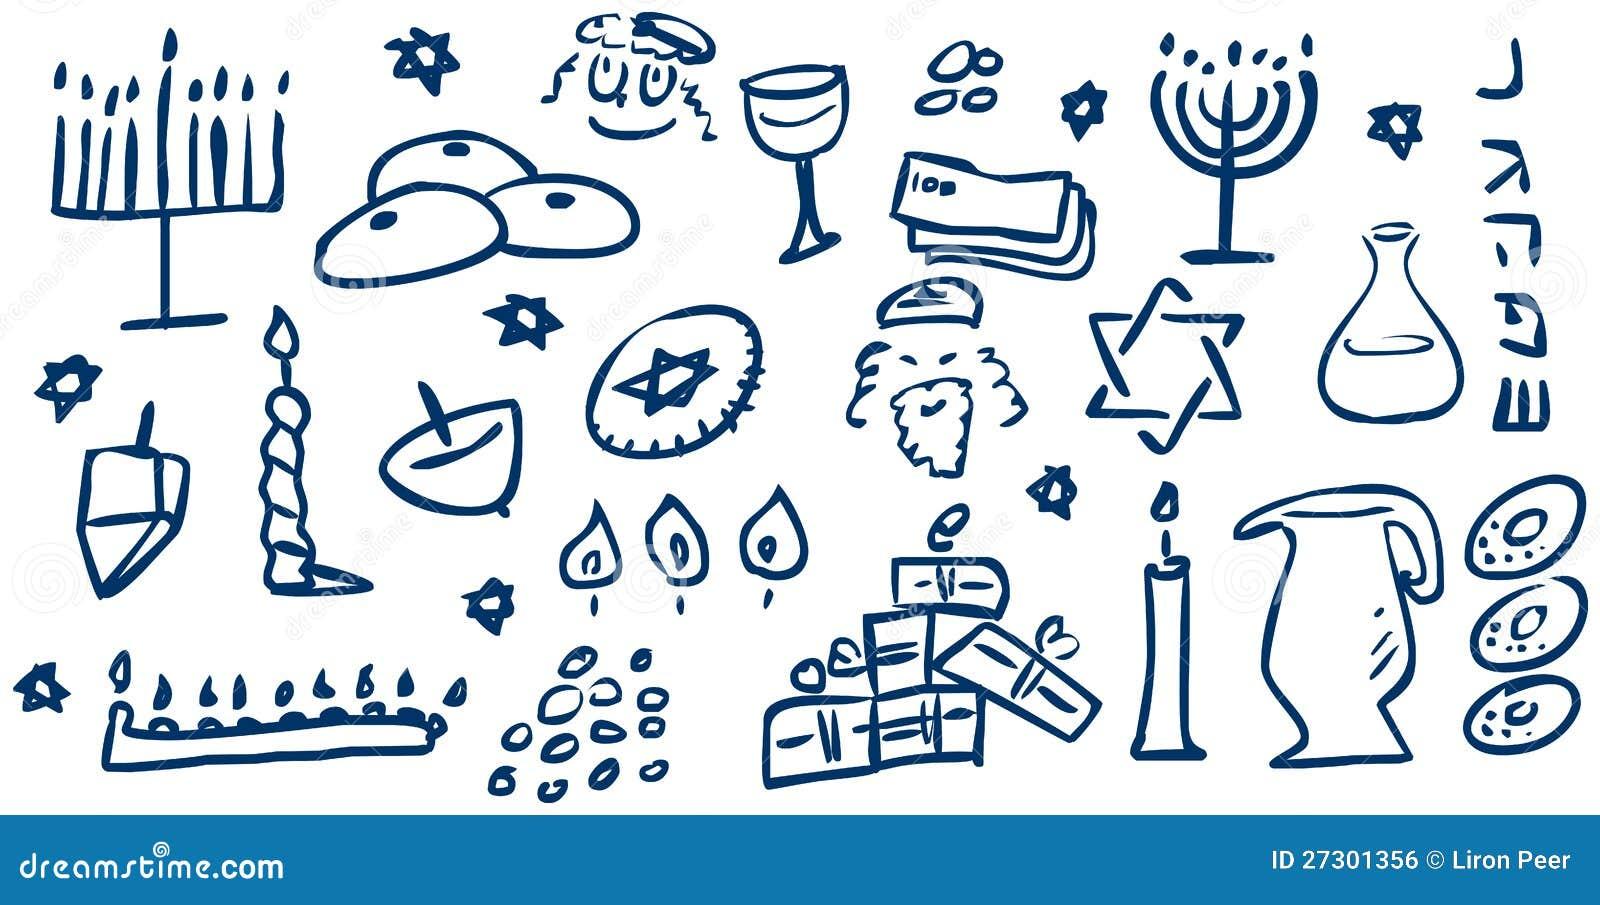 Hanukkah Symbols Doodles Stock Vector Illustration Of David 27301356